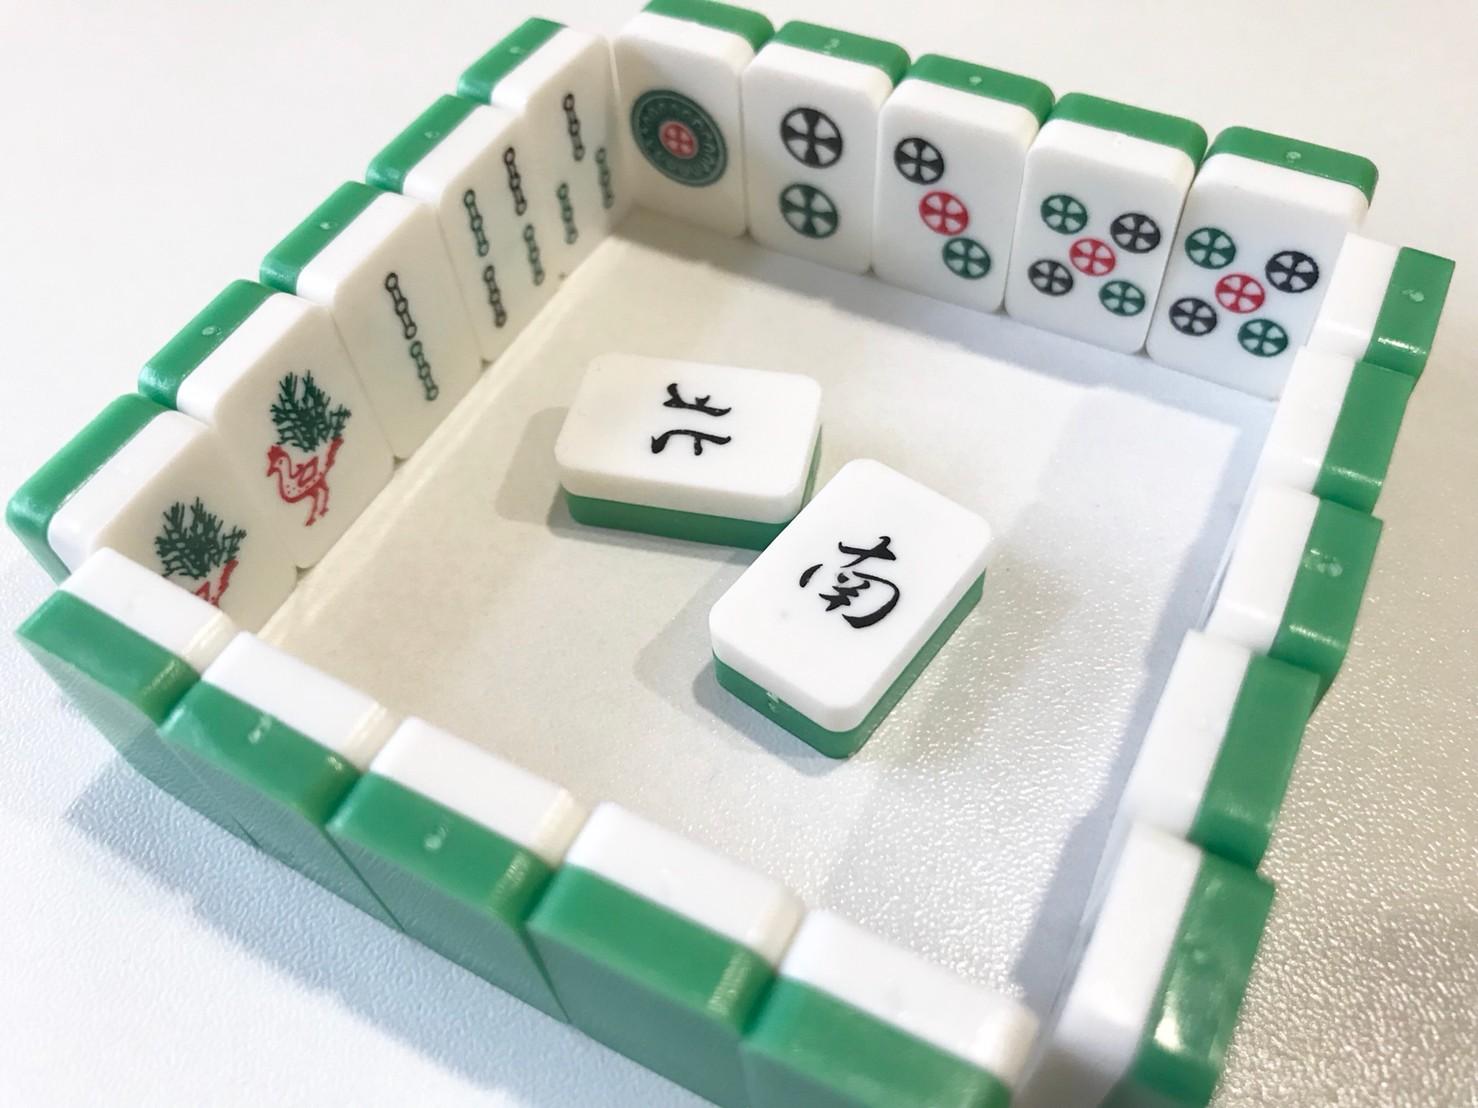 2021電動麻將桌推薦 價格、款式、如何挑選適合自己電動麻將桌 這篇一次幫你整理好